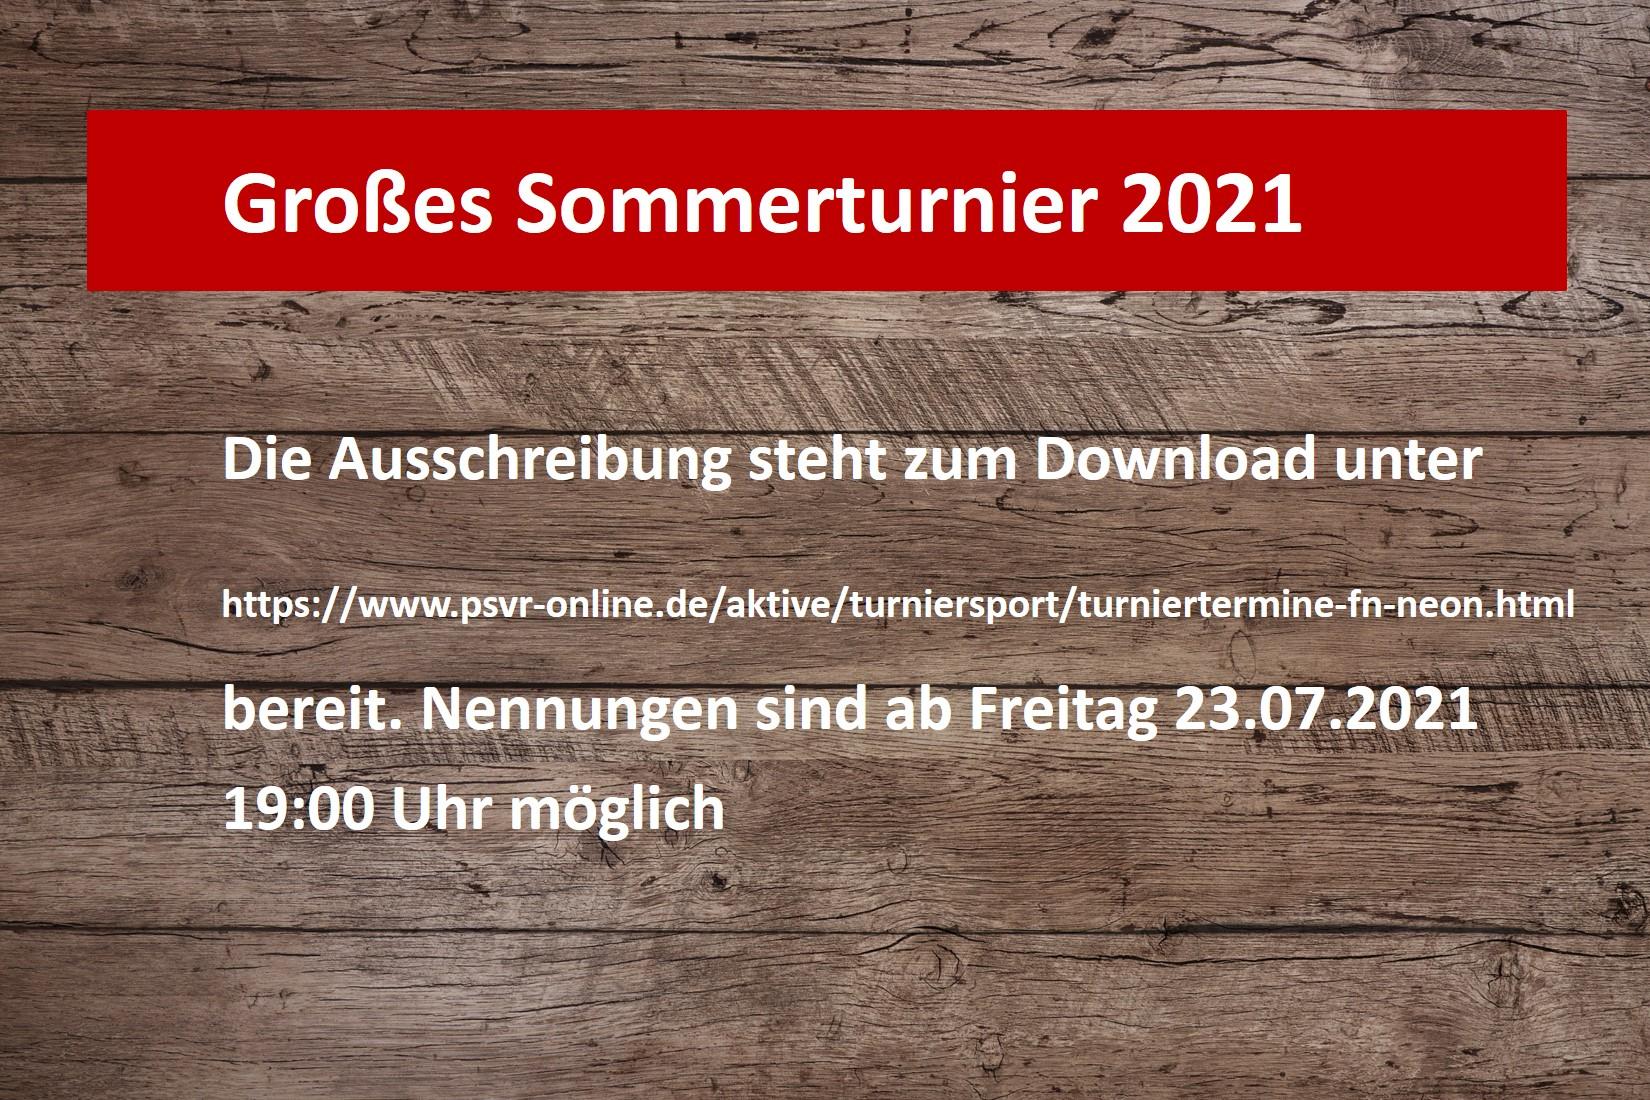 Sommerturnier 2021